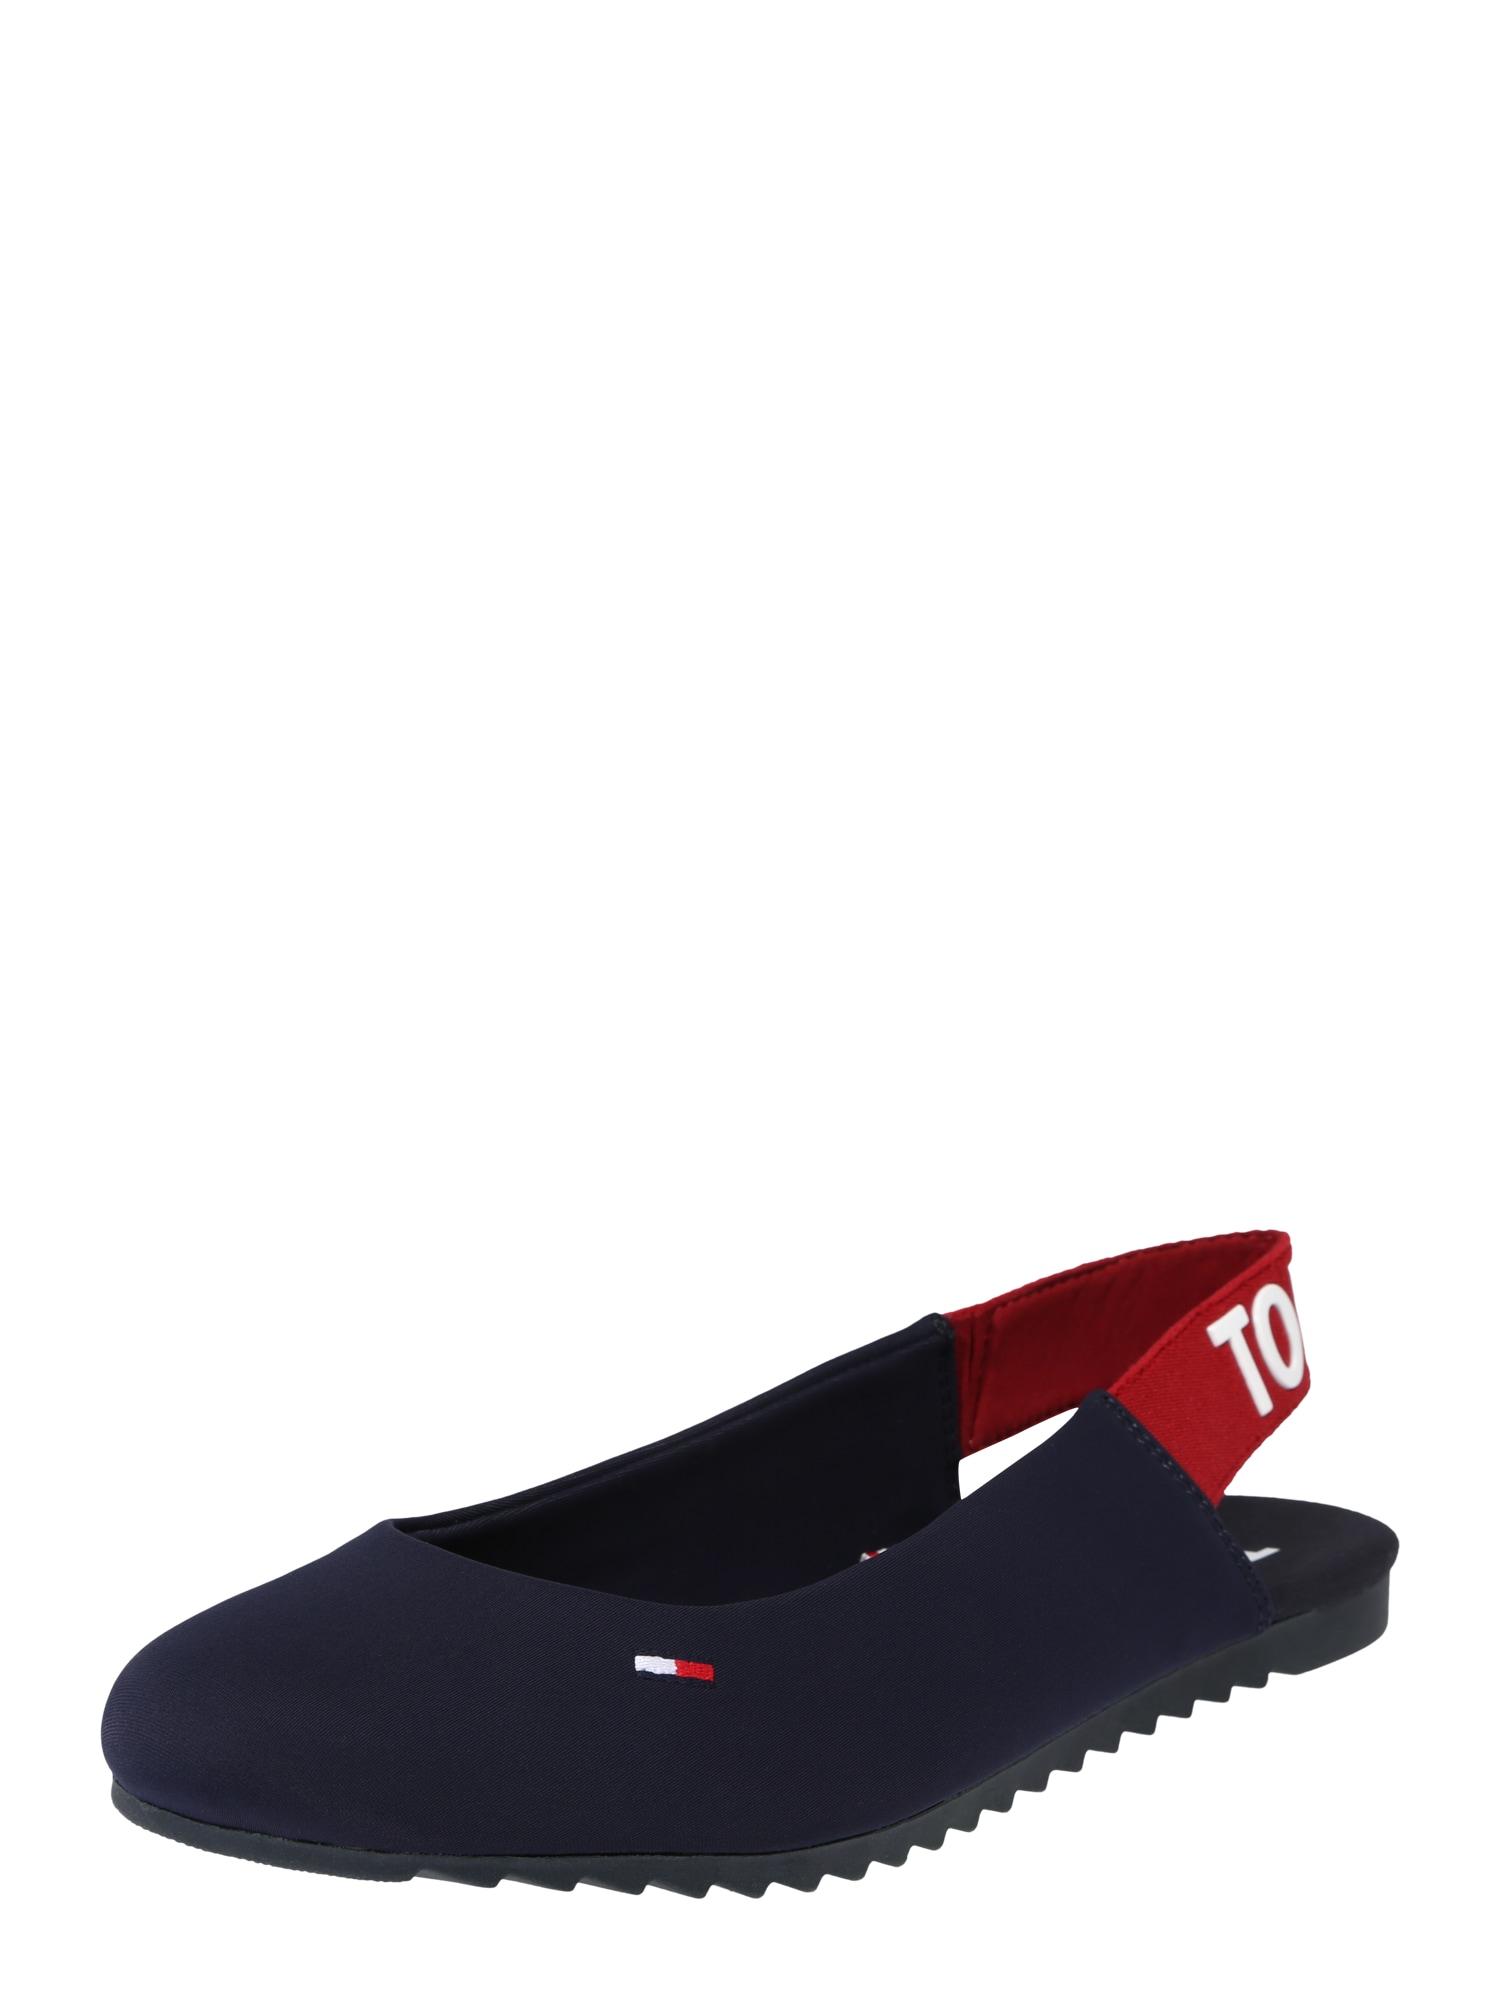 Baleríny s řemínky Melissa 4 červená černá bílá Tommy Jeans